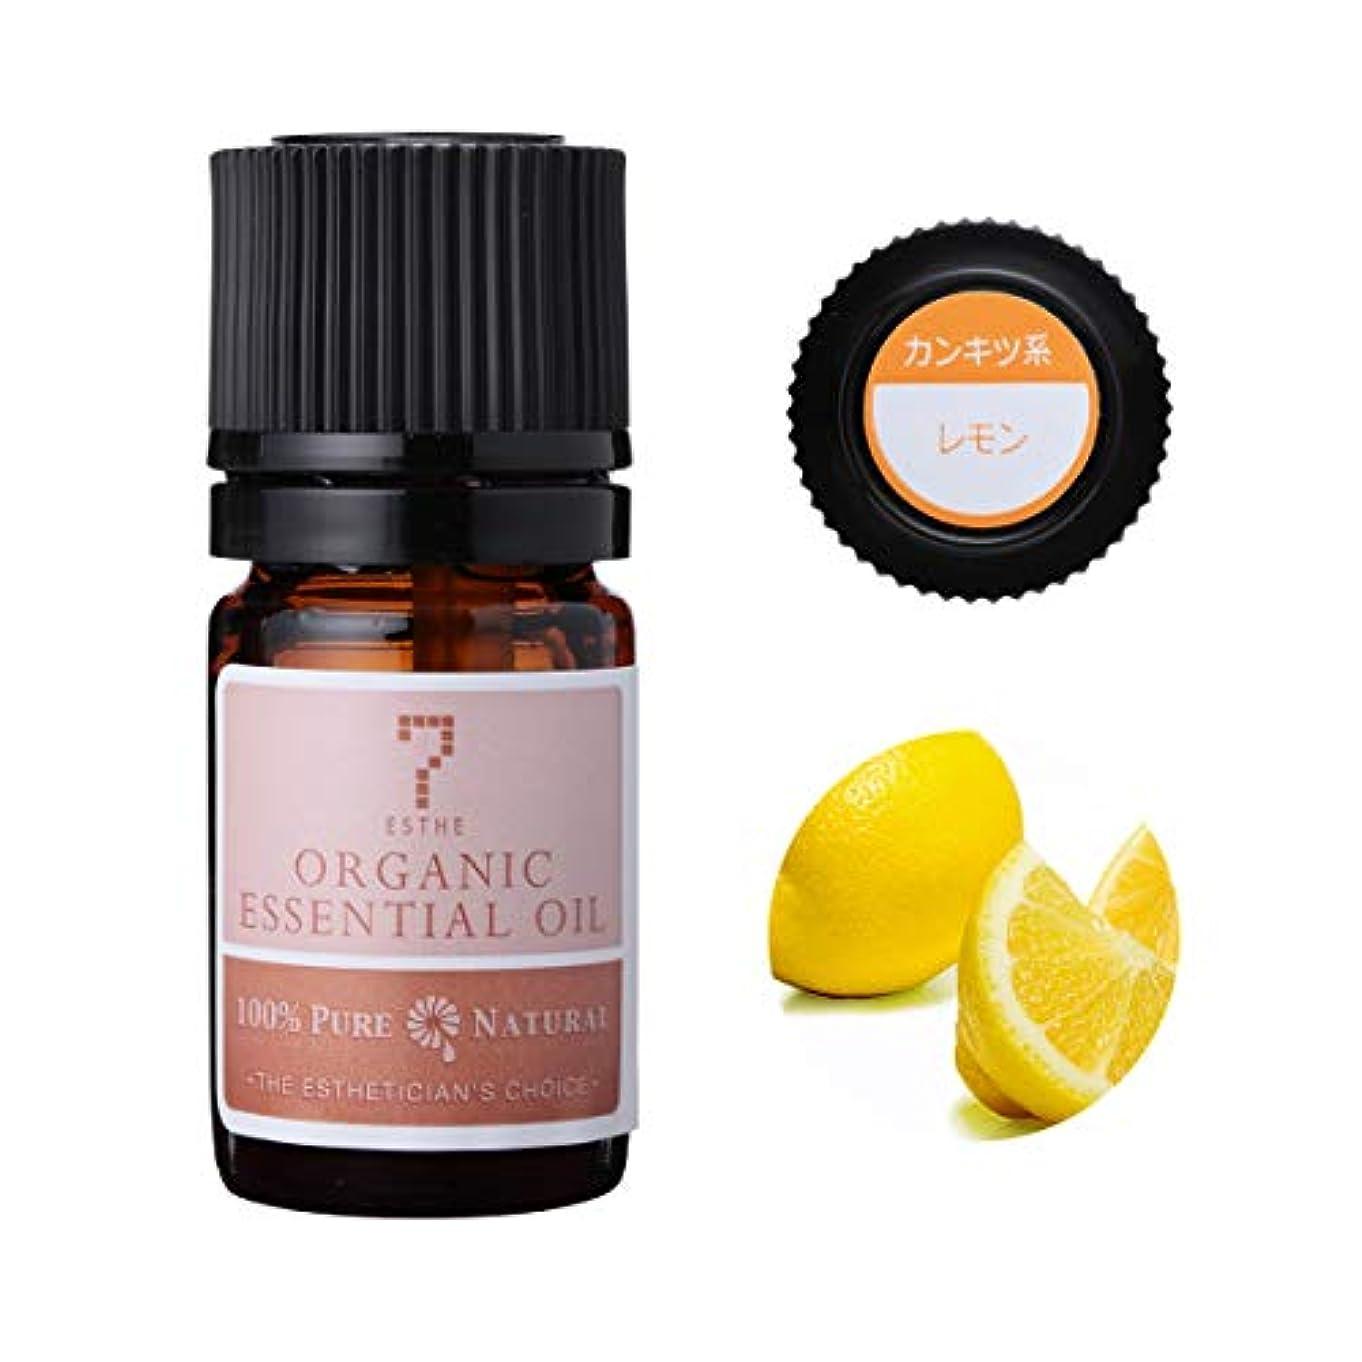 割り当てる精度カフェ7エステ エッセンシャルオイル オーガニックレモン 3ml アロマオイル 精油